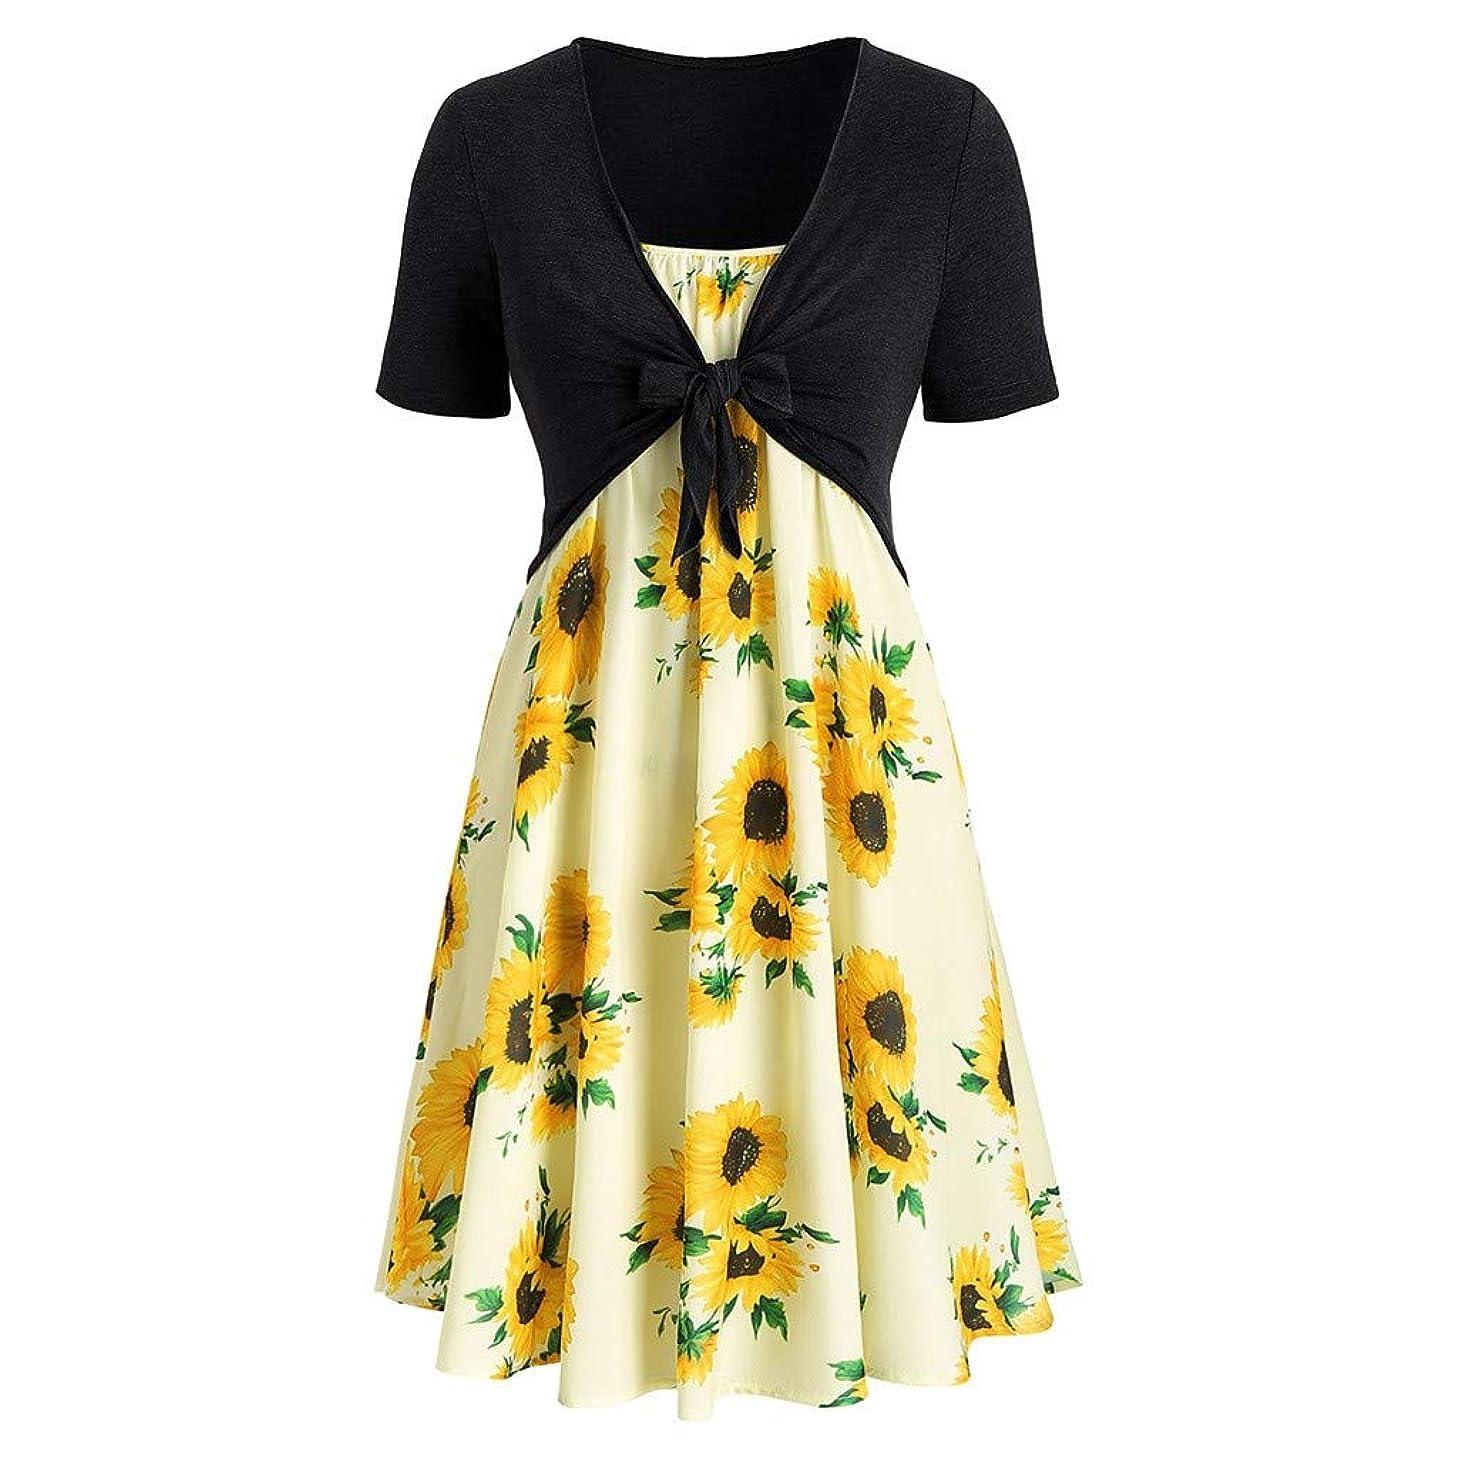 MILIMIEYIK Blouse Women's Floral Print Tube Crop Top Maxi Skirt Set 2 Piece Outfit Dress